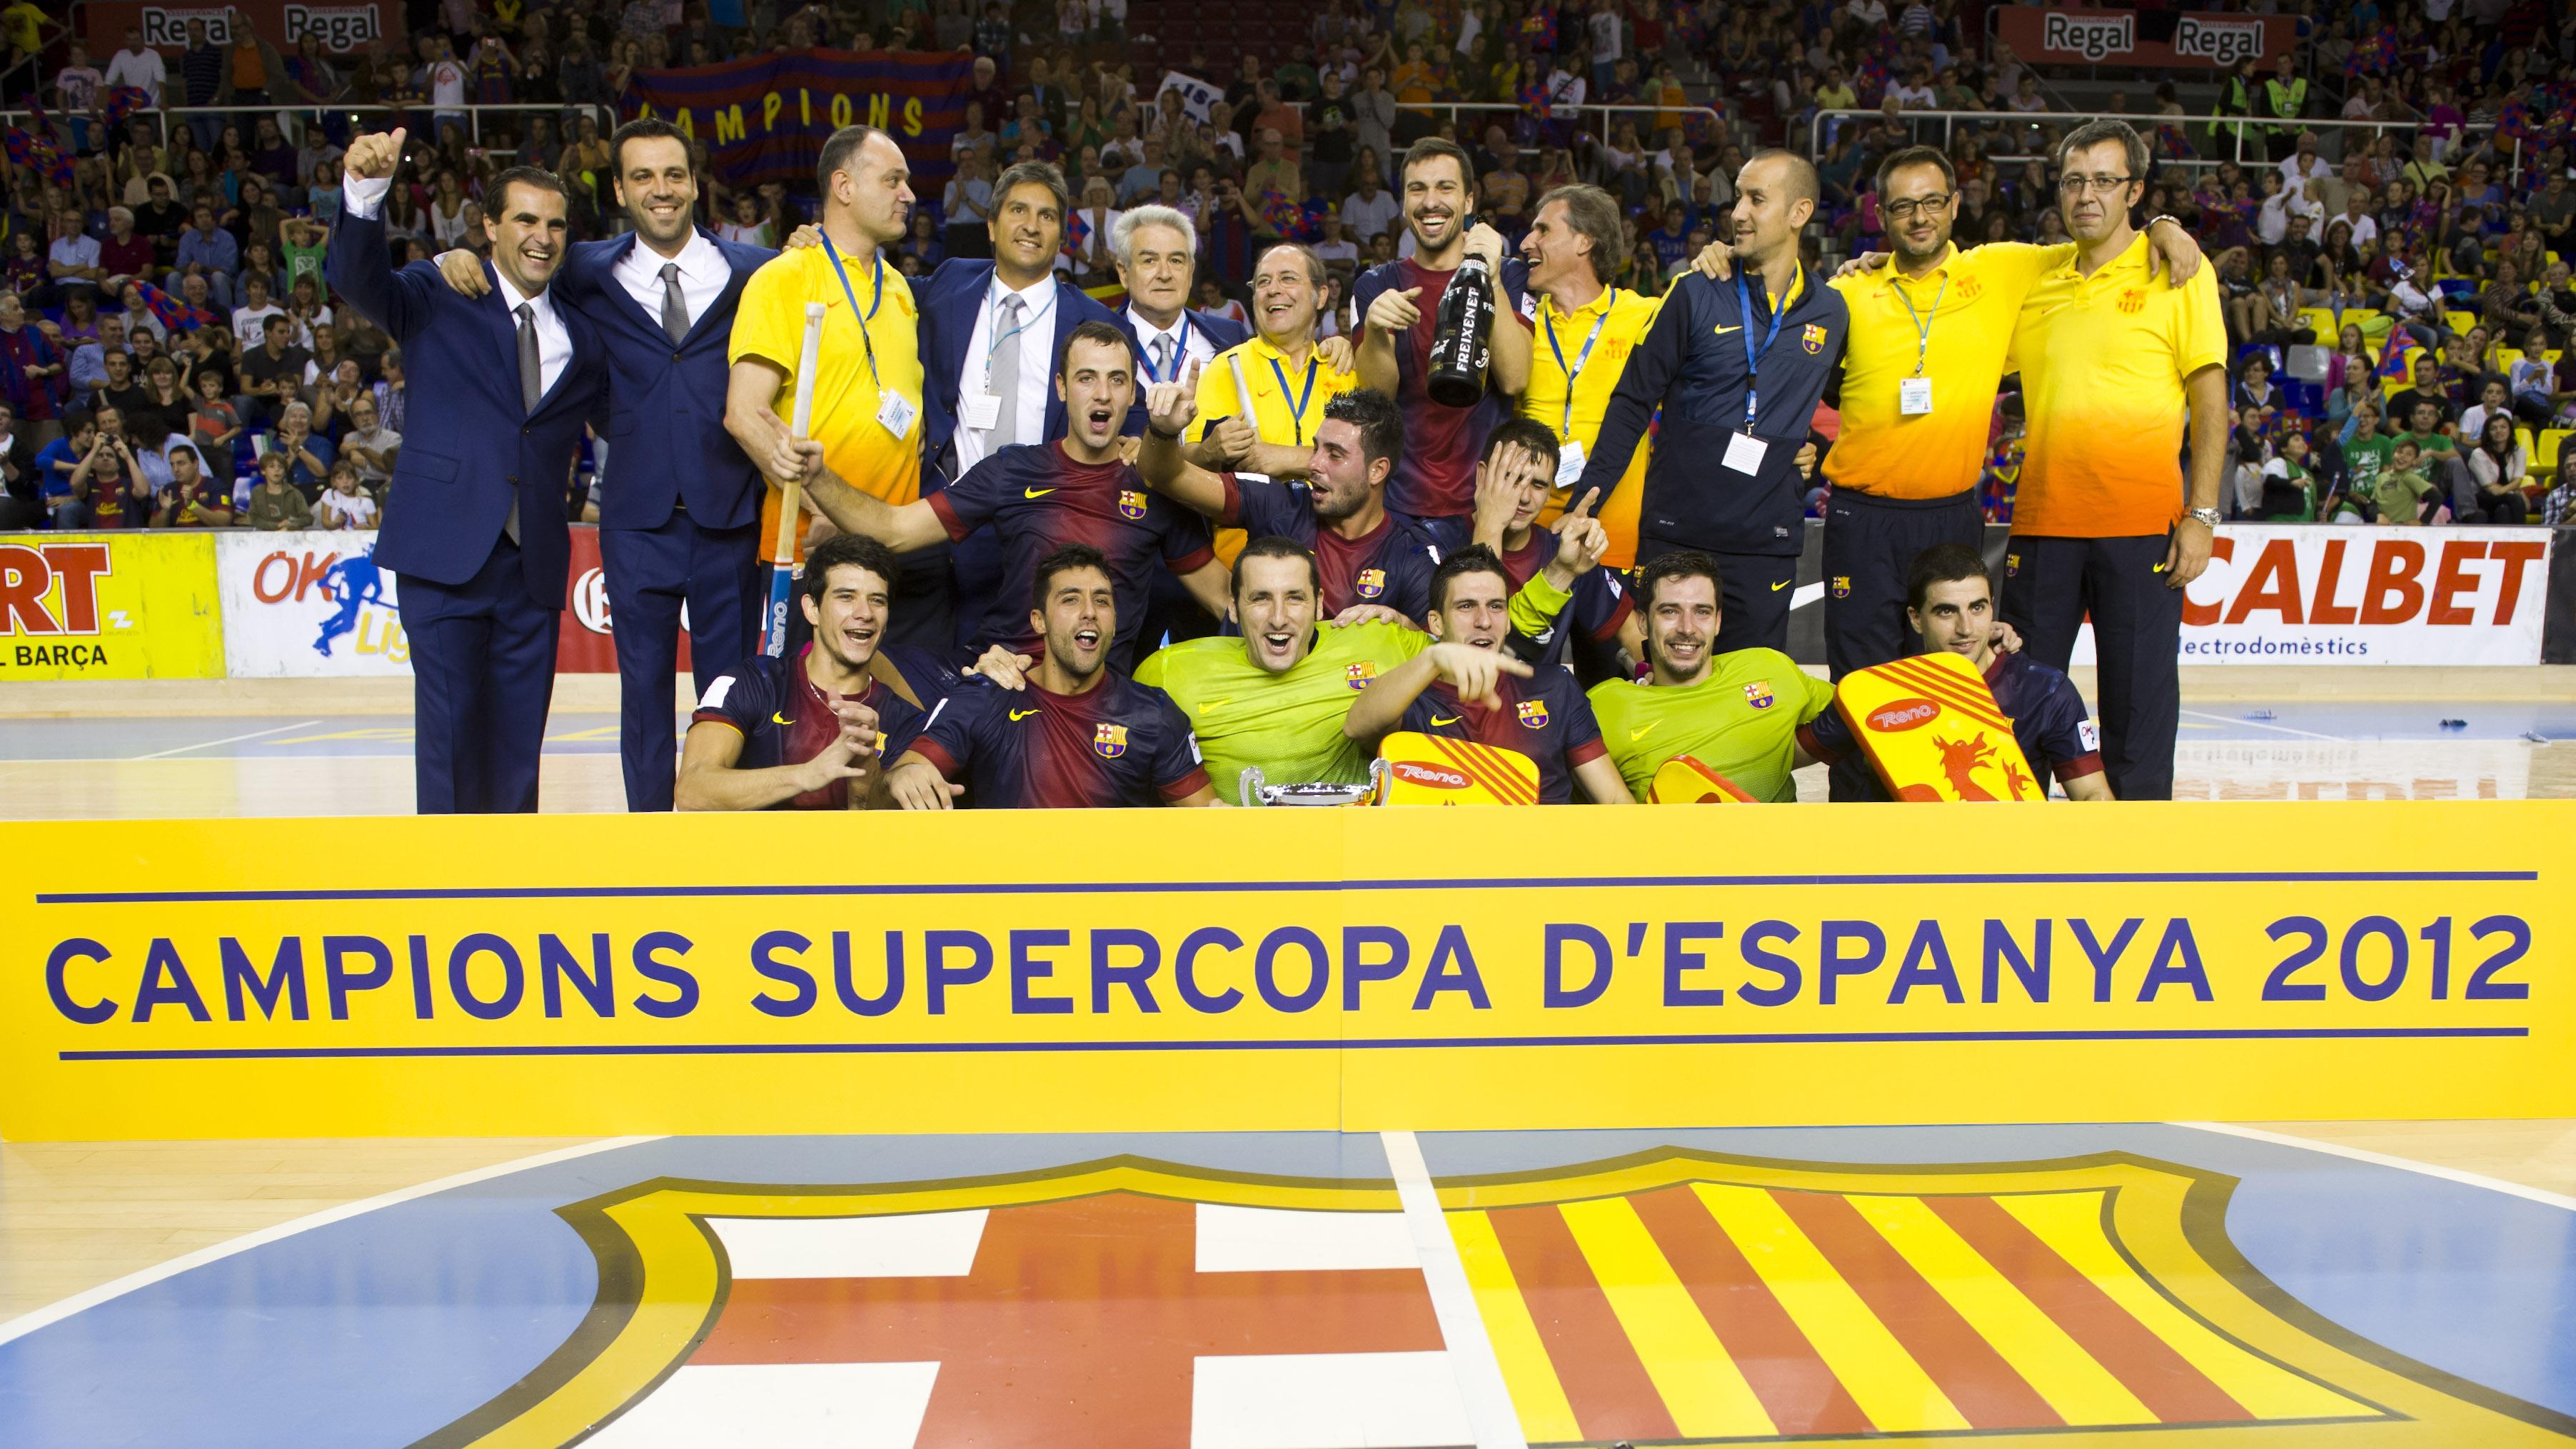 Imatge de l'equip després de guanyar la Supercopa d'Espanya 2012